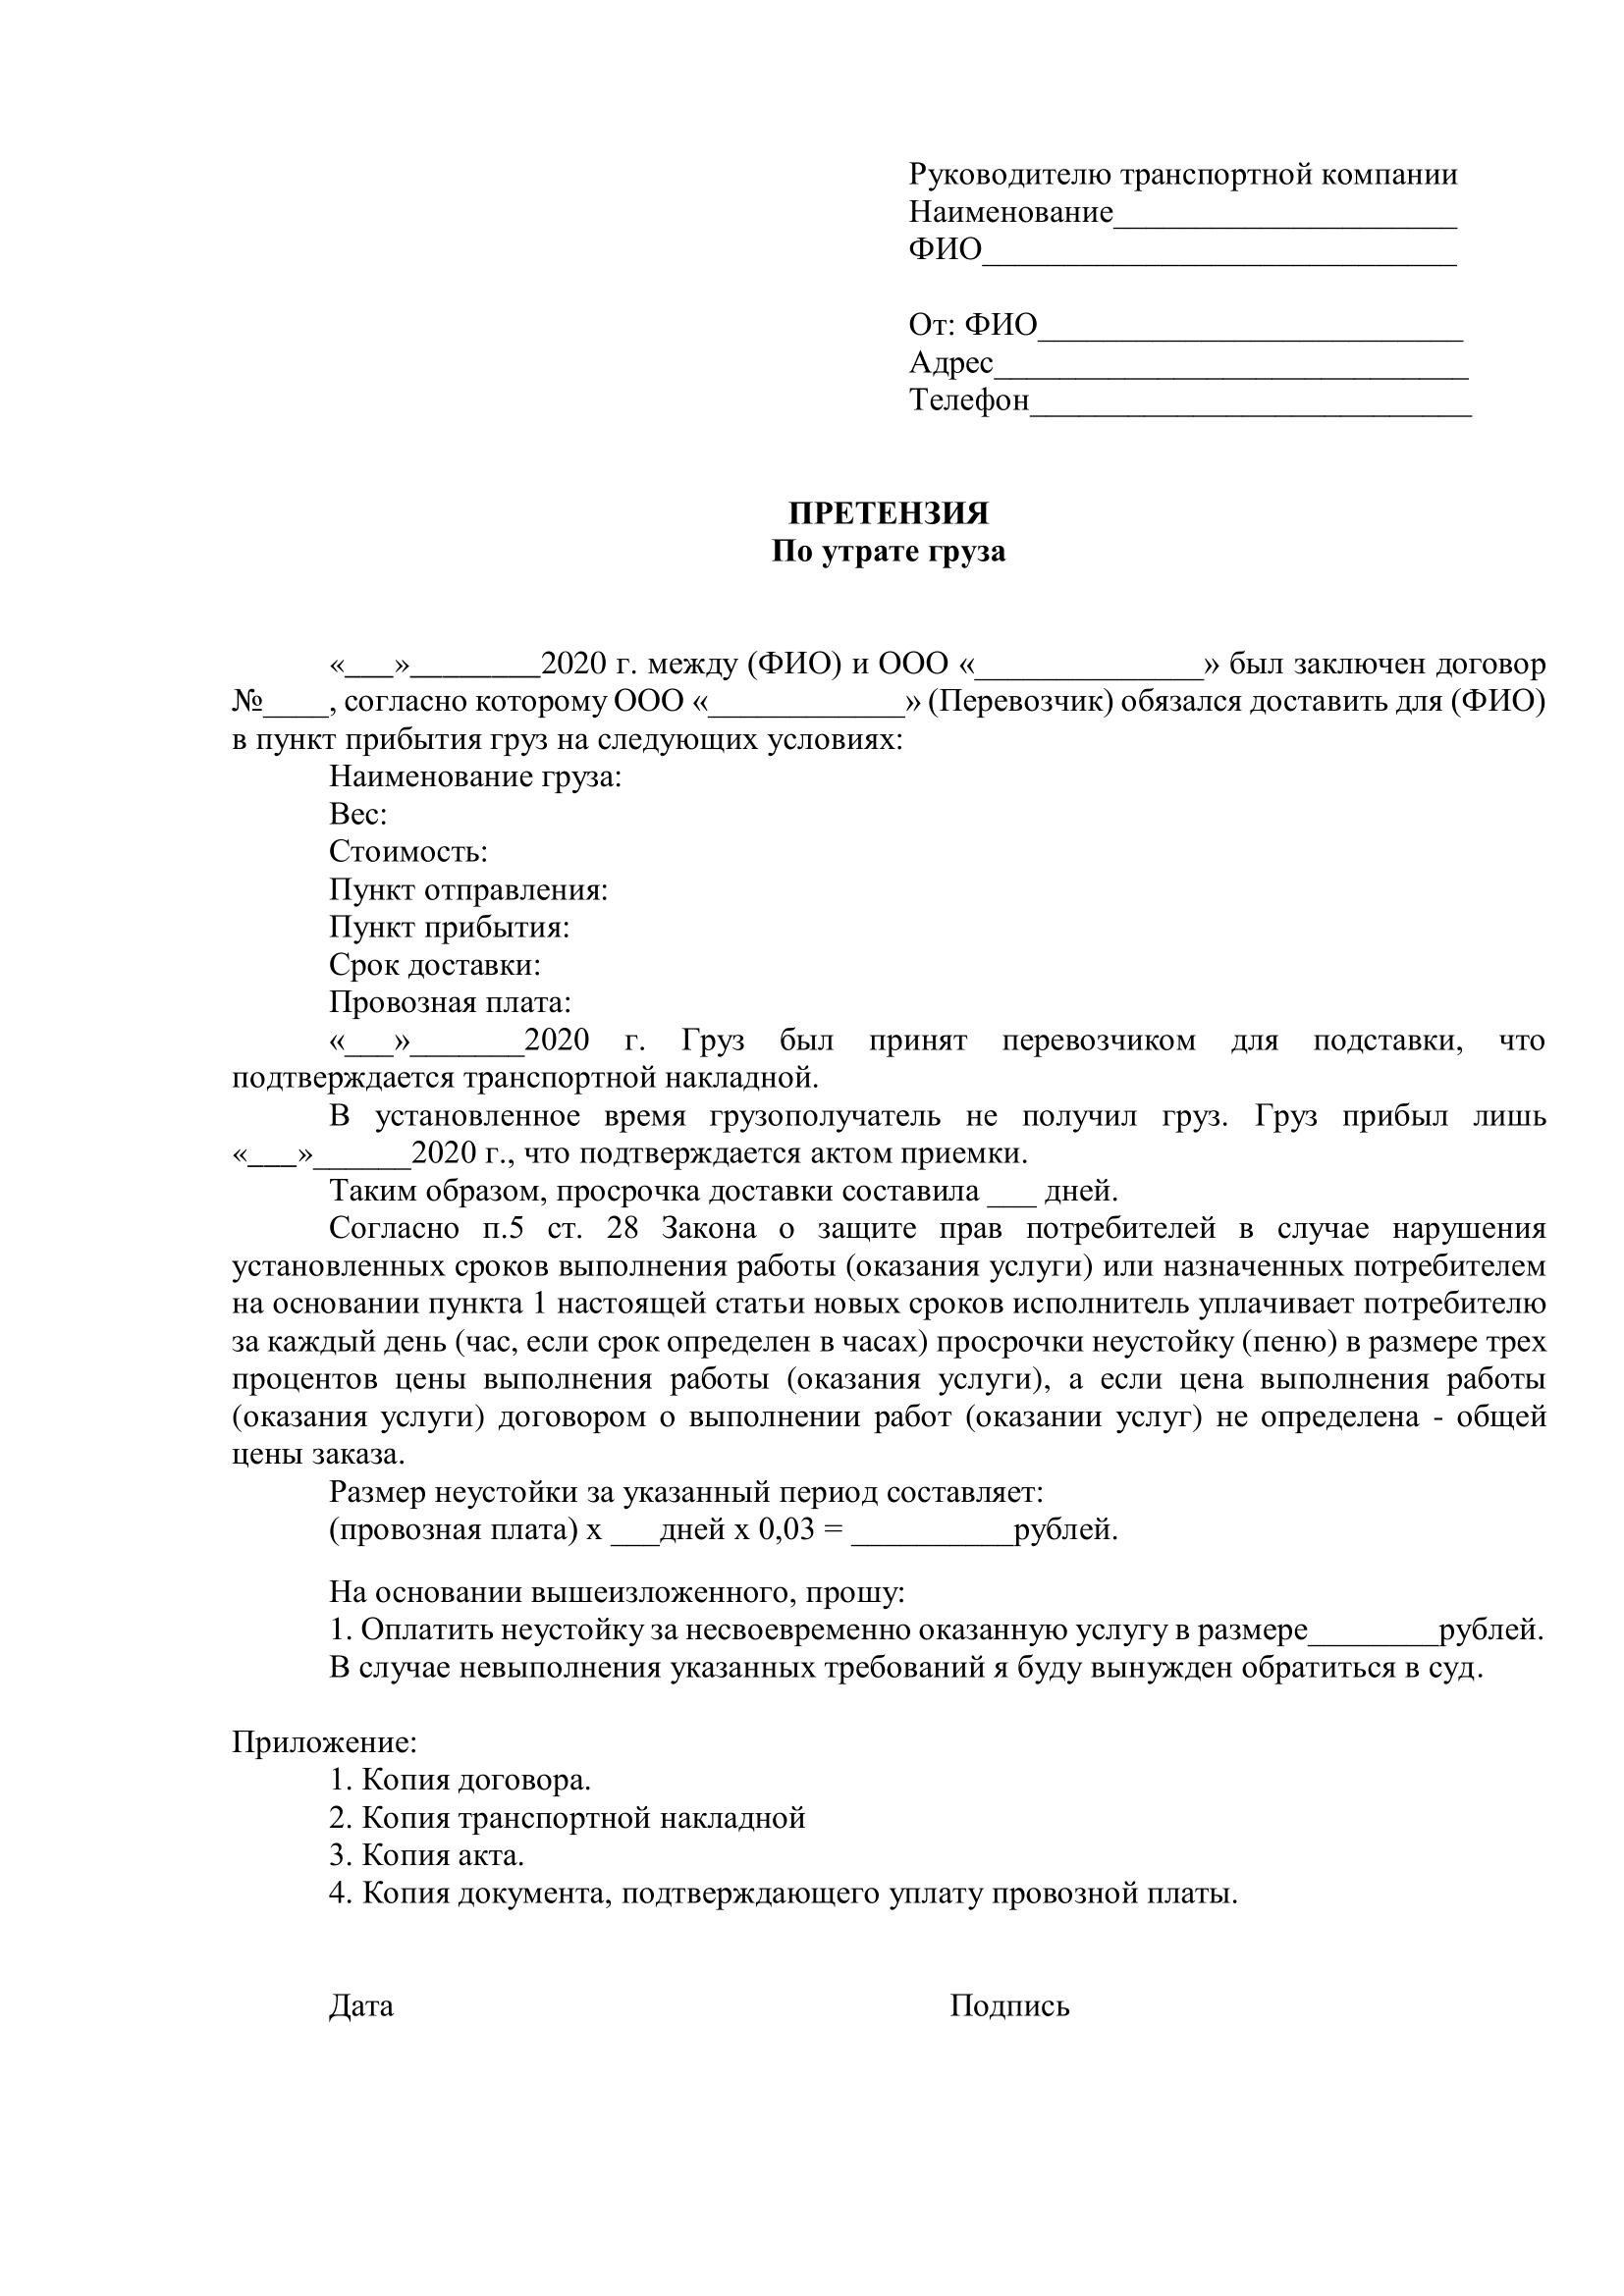 Претензия в транспортную компанию за задержку доставки